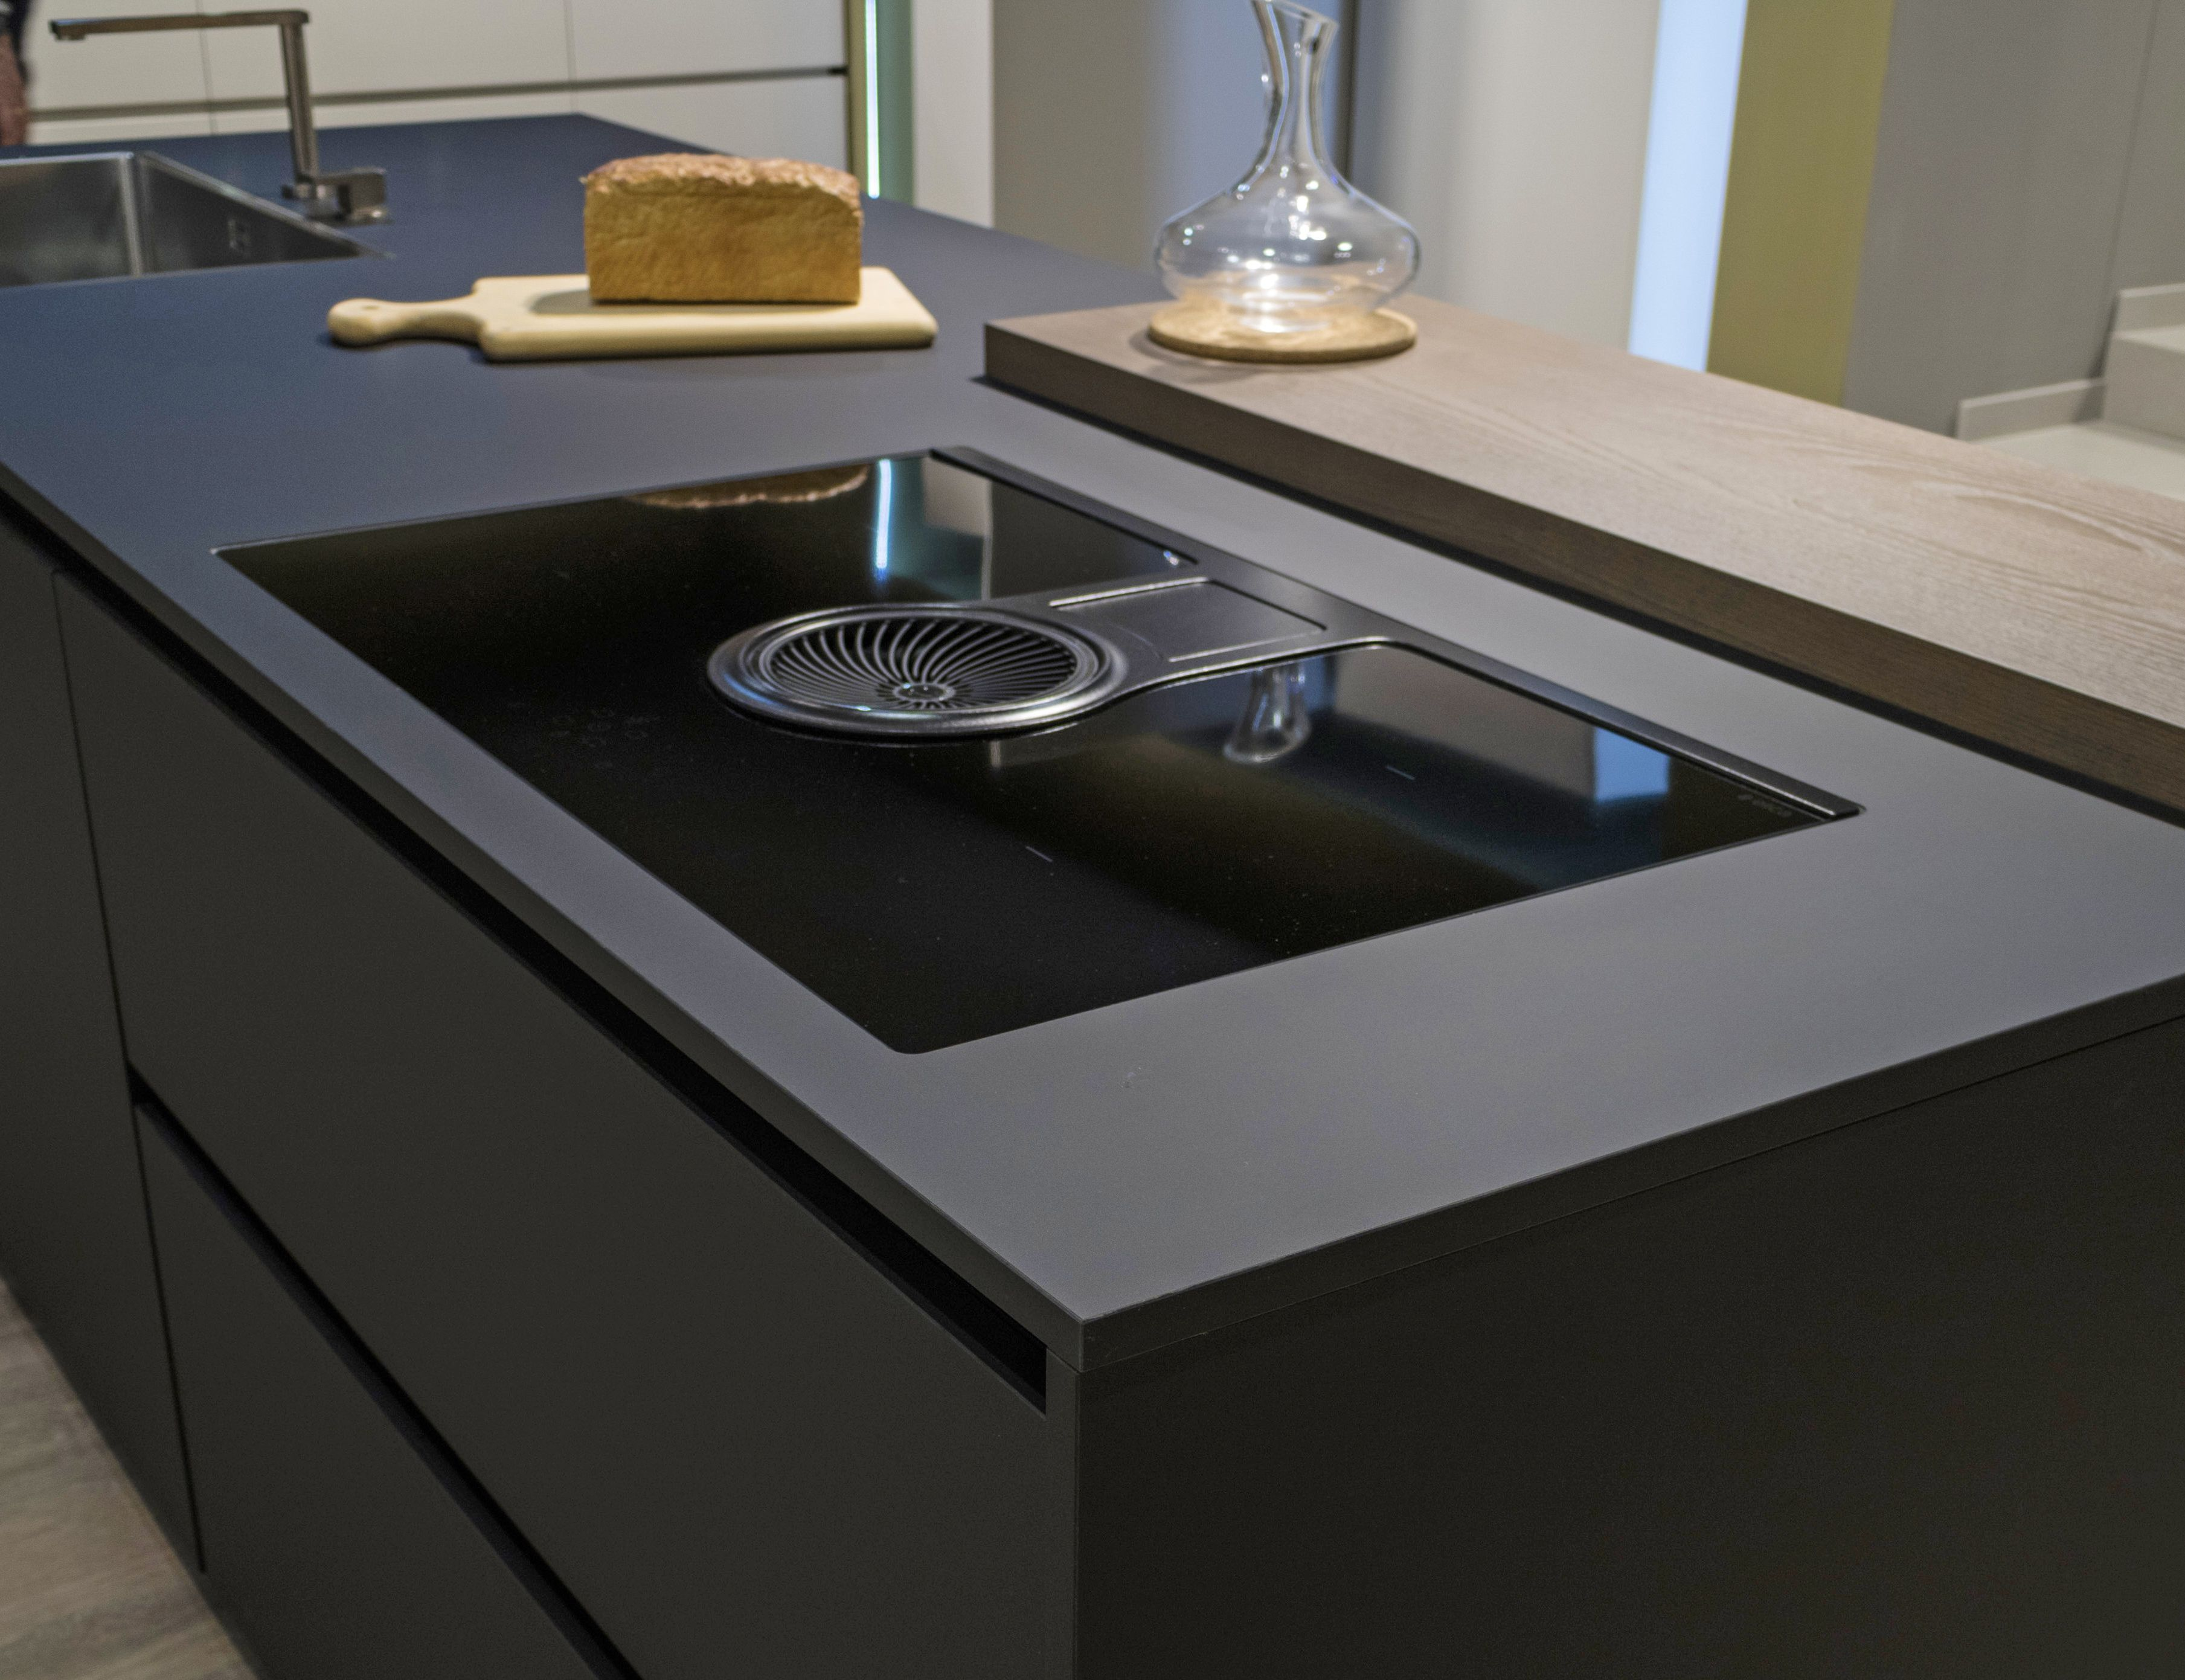 Piastrelle piano cottura foto di una cucina minimalista con in